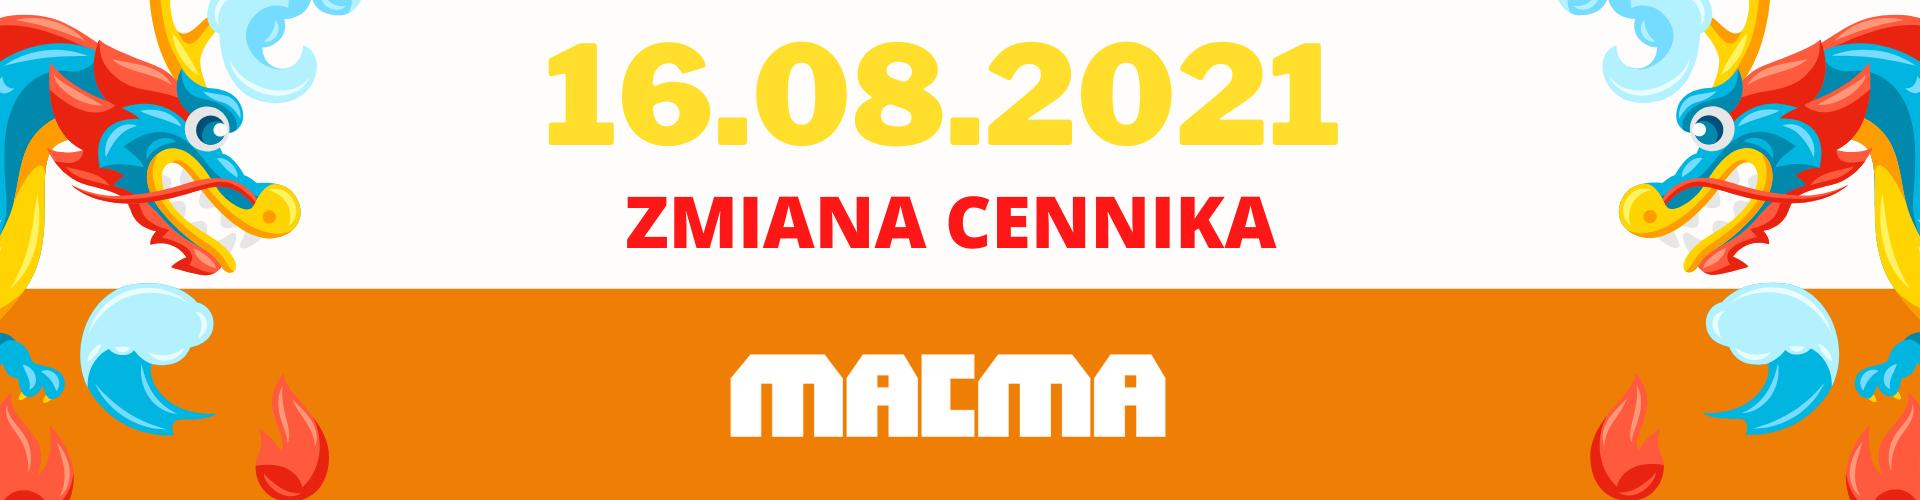 ZMiana cennika macma polska